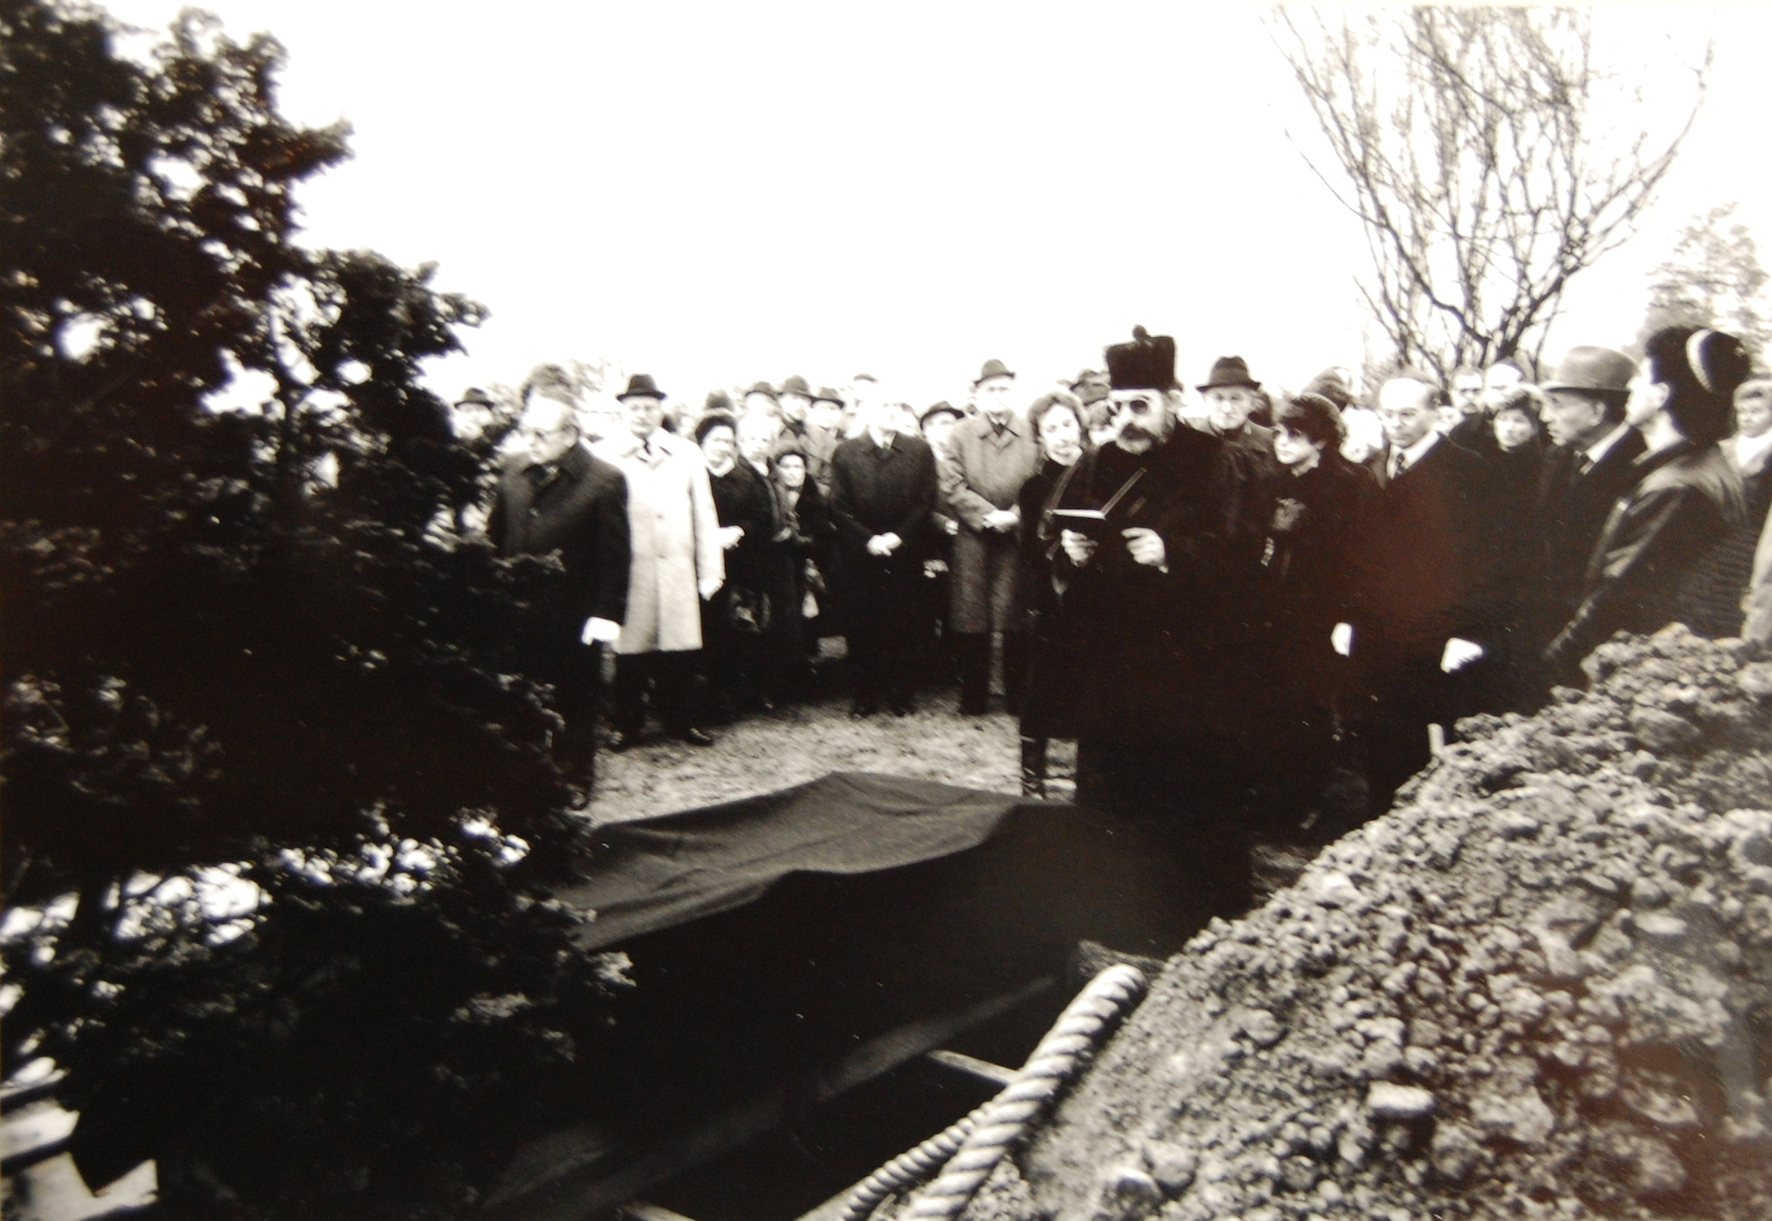 Beisetzung von Martha de Vries auf dem Jüdischen Friedhof am 2. Januar 1989